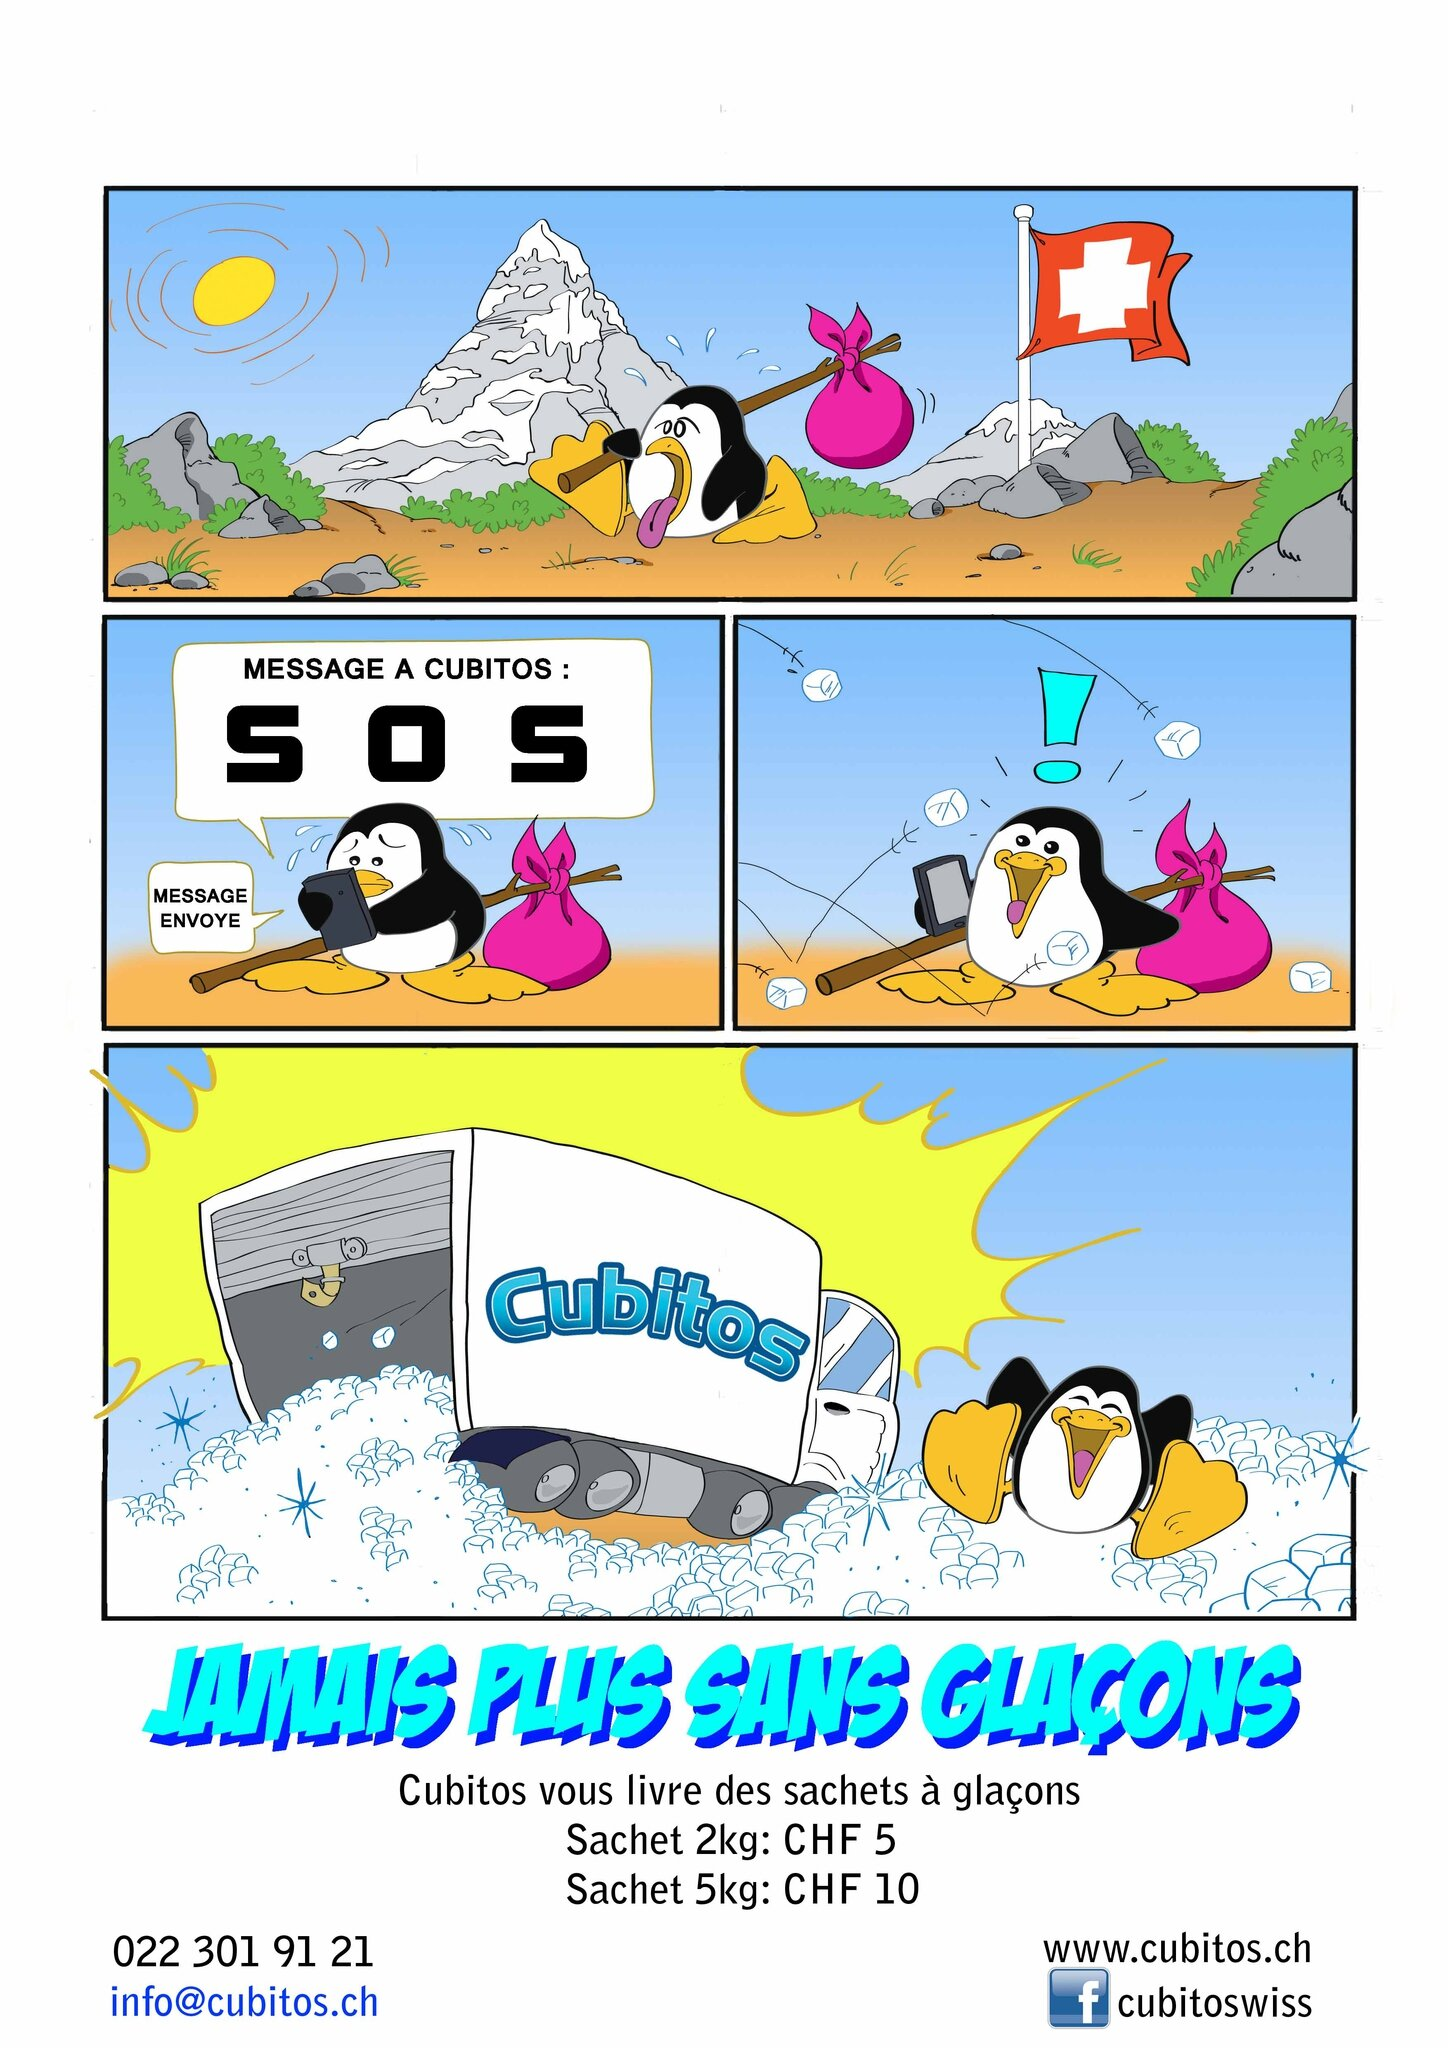 cubitos_ad_v2006